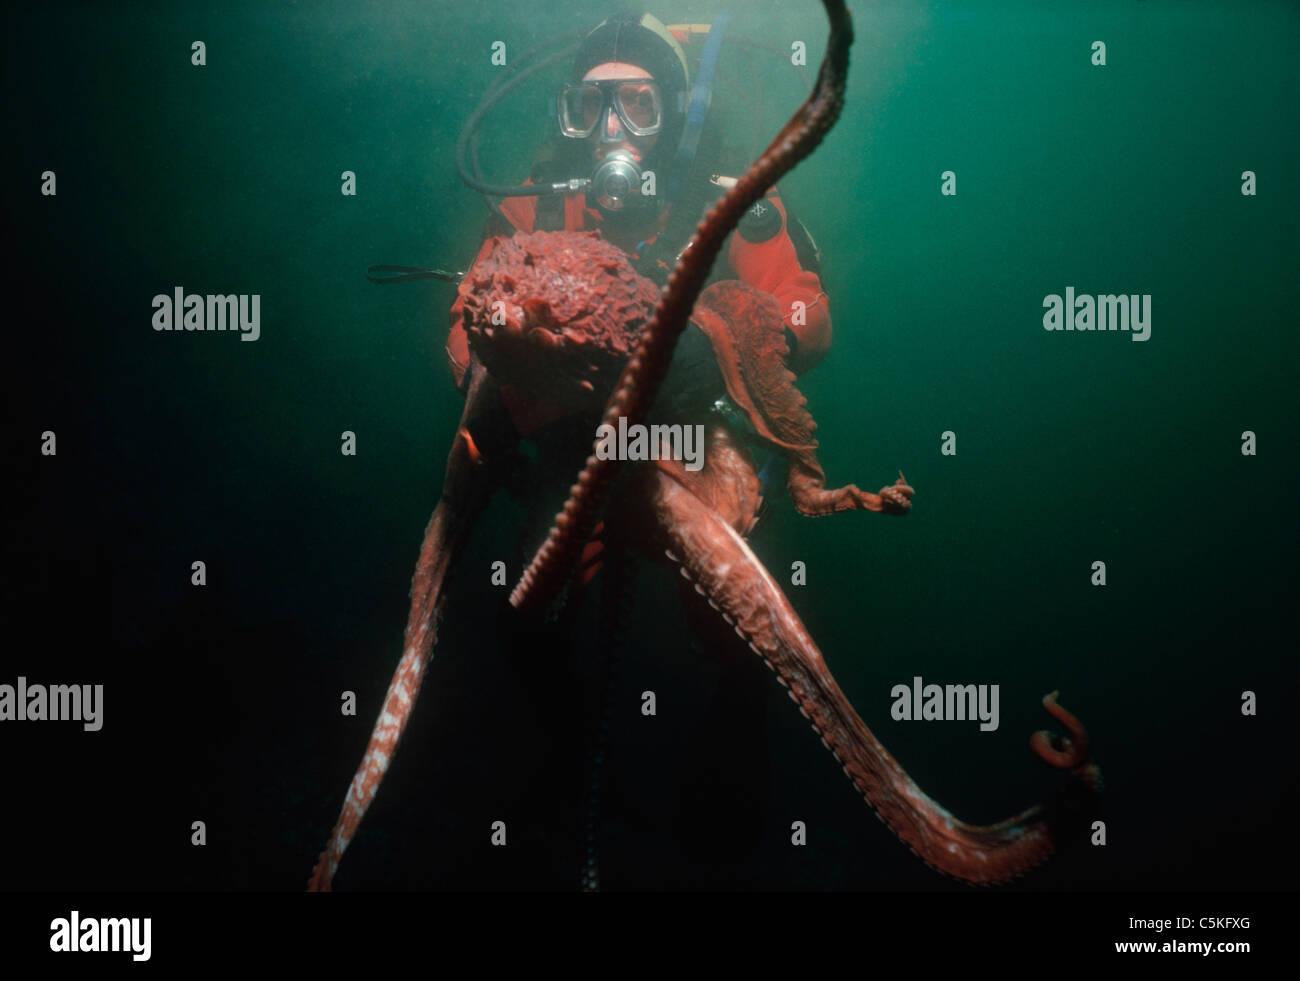 an analysis of the life of octopus dofleini Octopus punctatus gabb, 1862 espesye sa kugita nga una nga gihulagway ni wülker ni adtong 1910 ang enteroctopus dofleini [8] [14] [9]  ang enteroctopus dofleini sakop sa kahenera nga enteroctopus sa kabanay nga octopodidae.